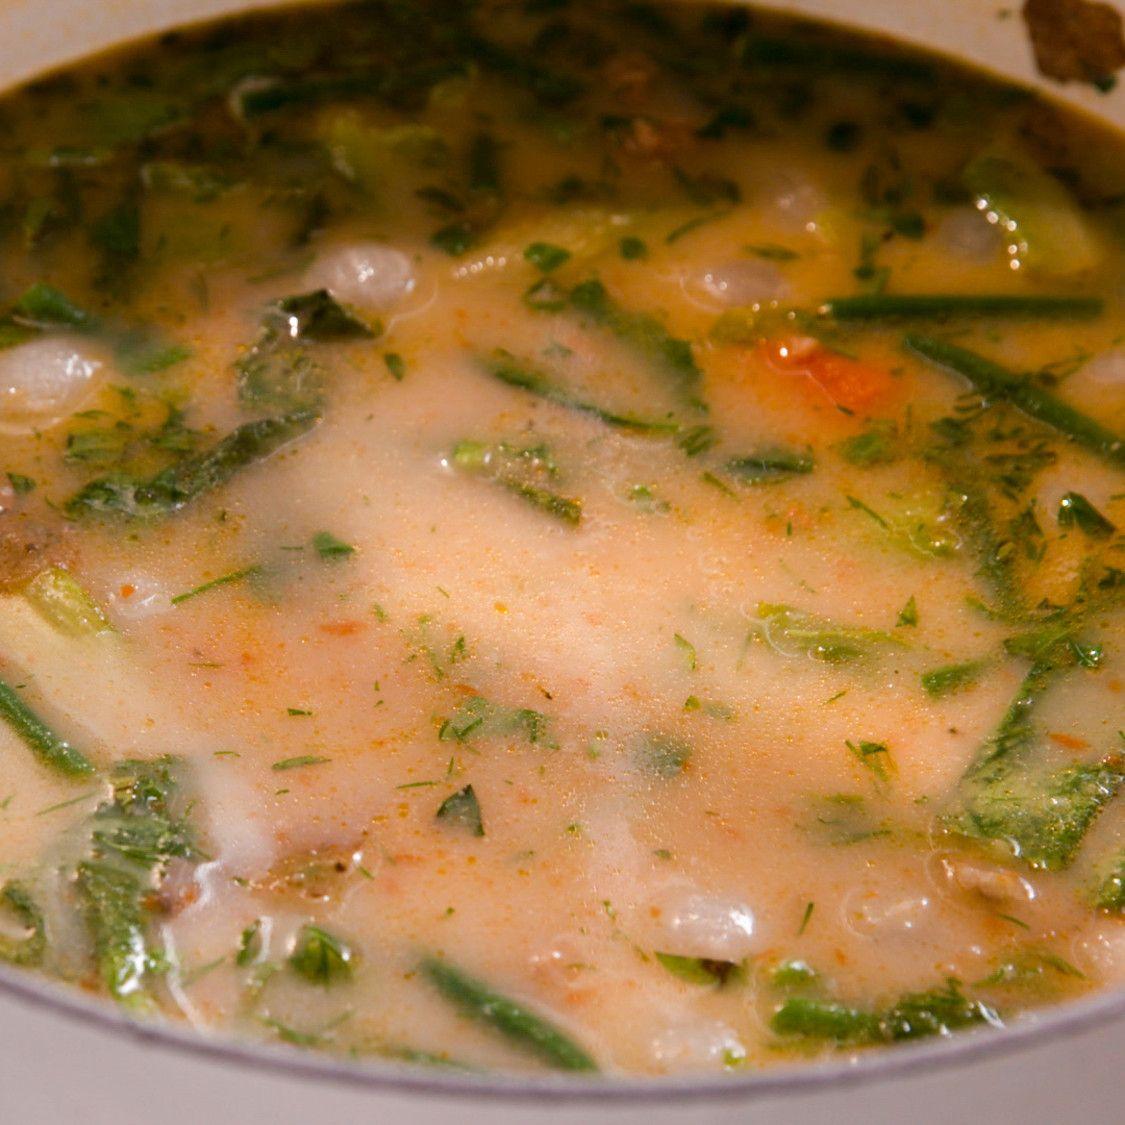 Leftover Meatloaf Soup Recipe Leftover meatloaf